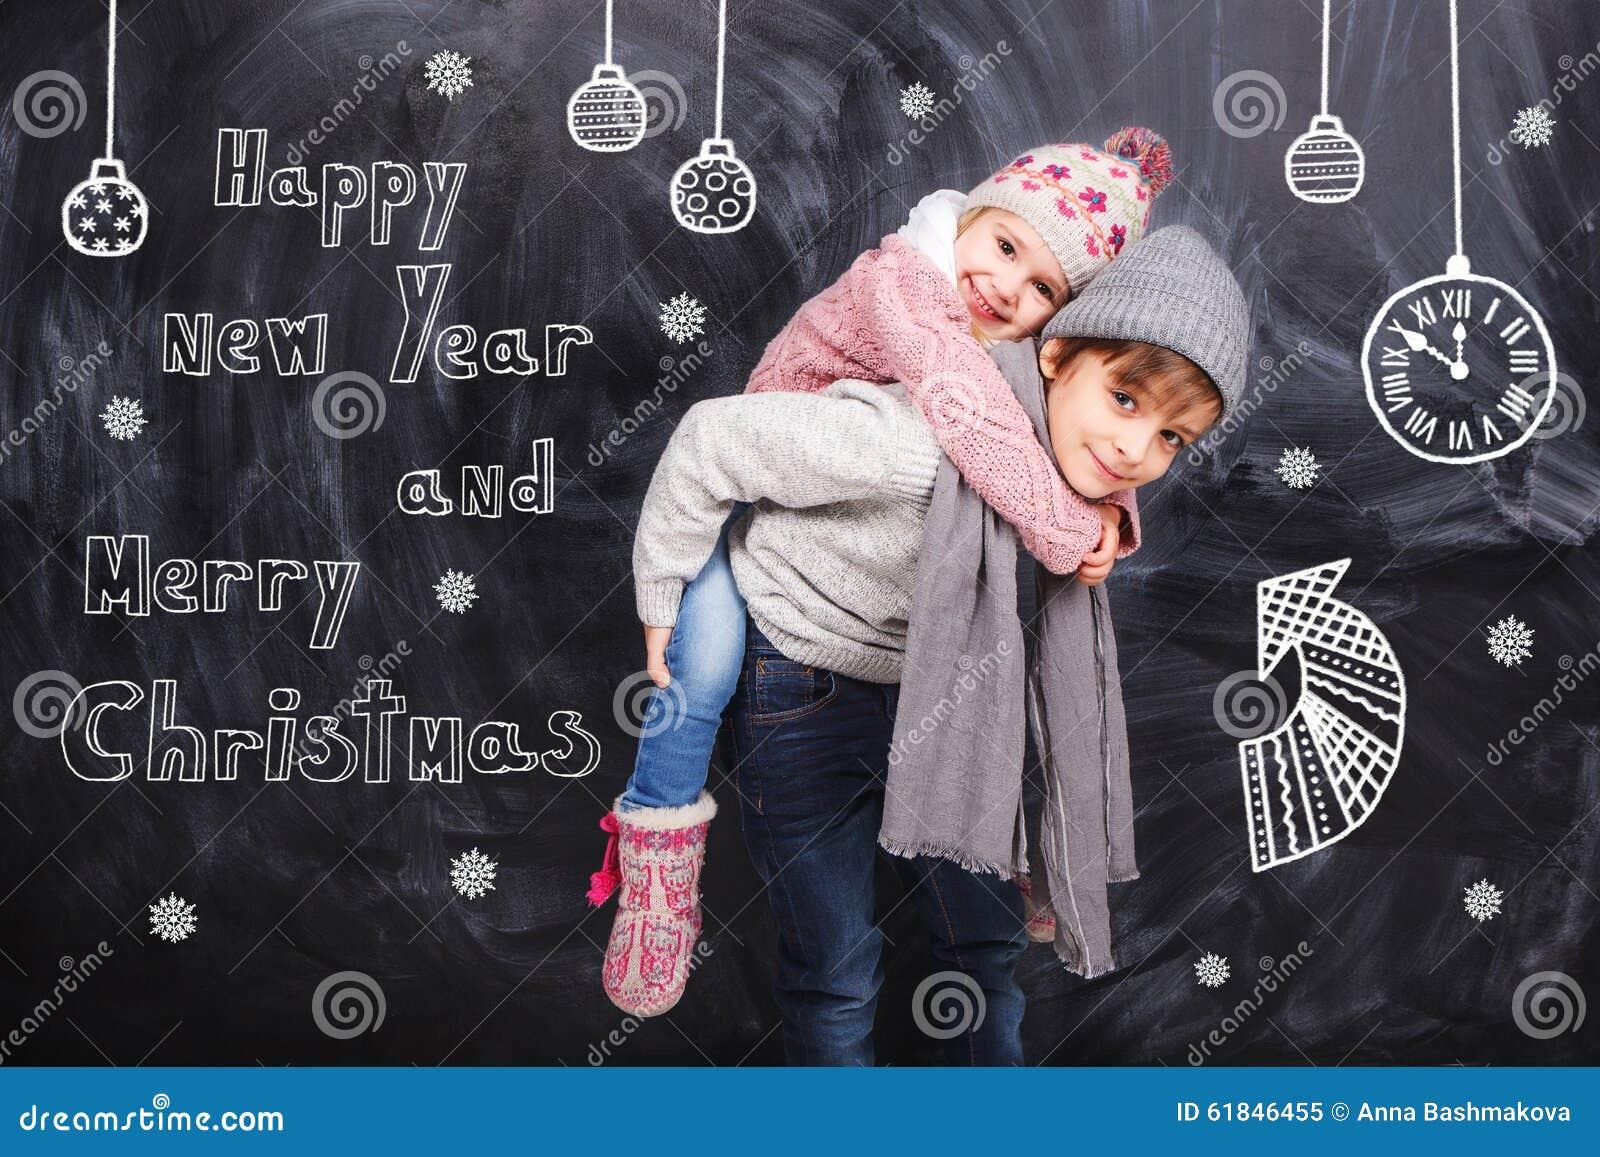 Boże narodzenie nowy rok szczęśliwy wesoło